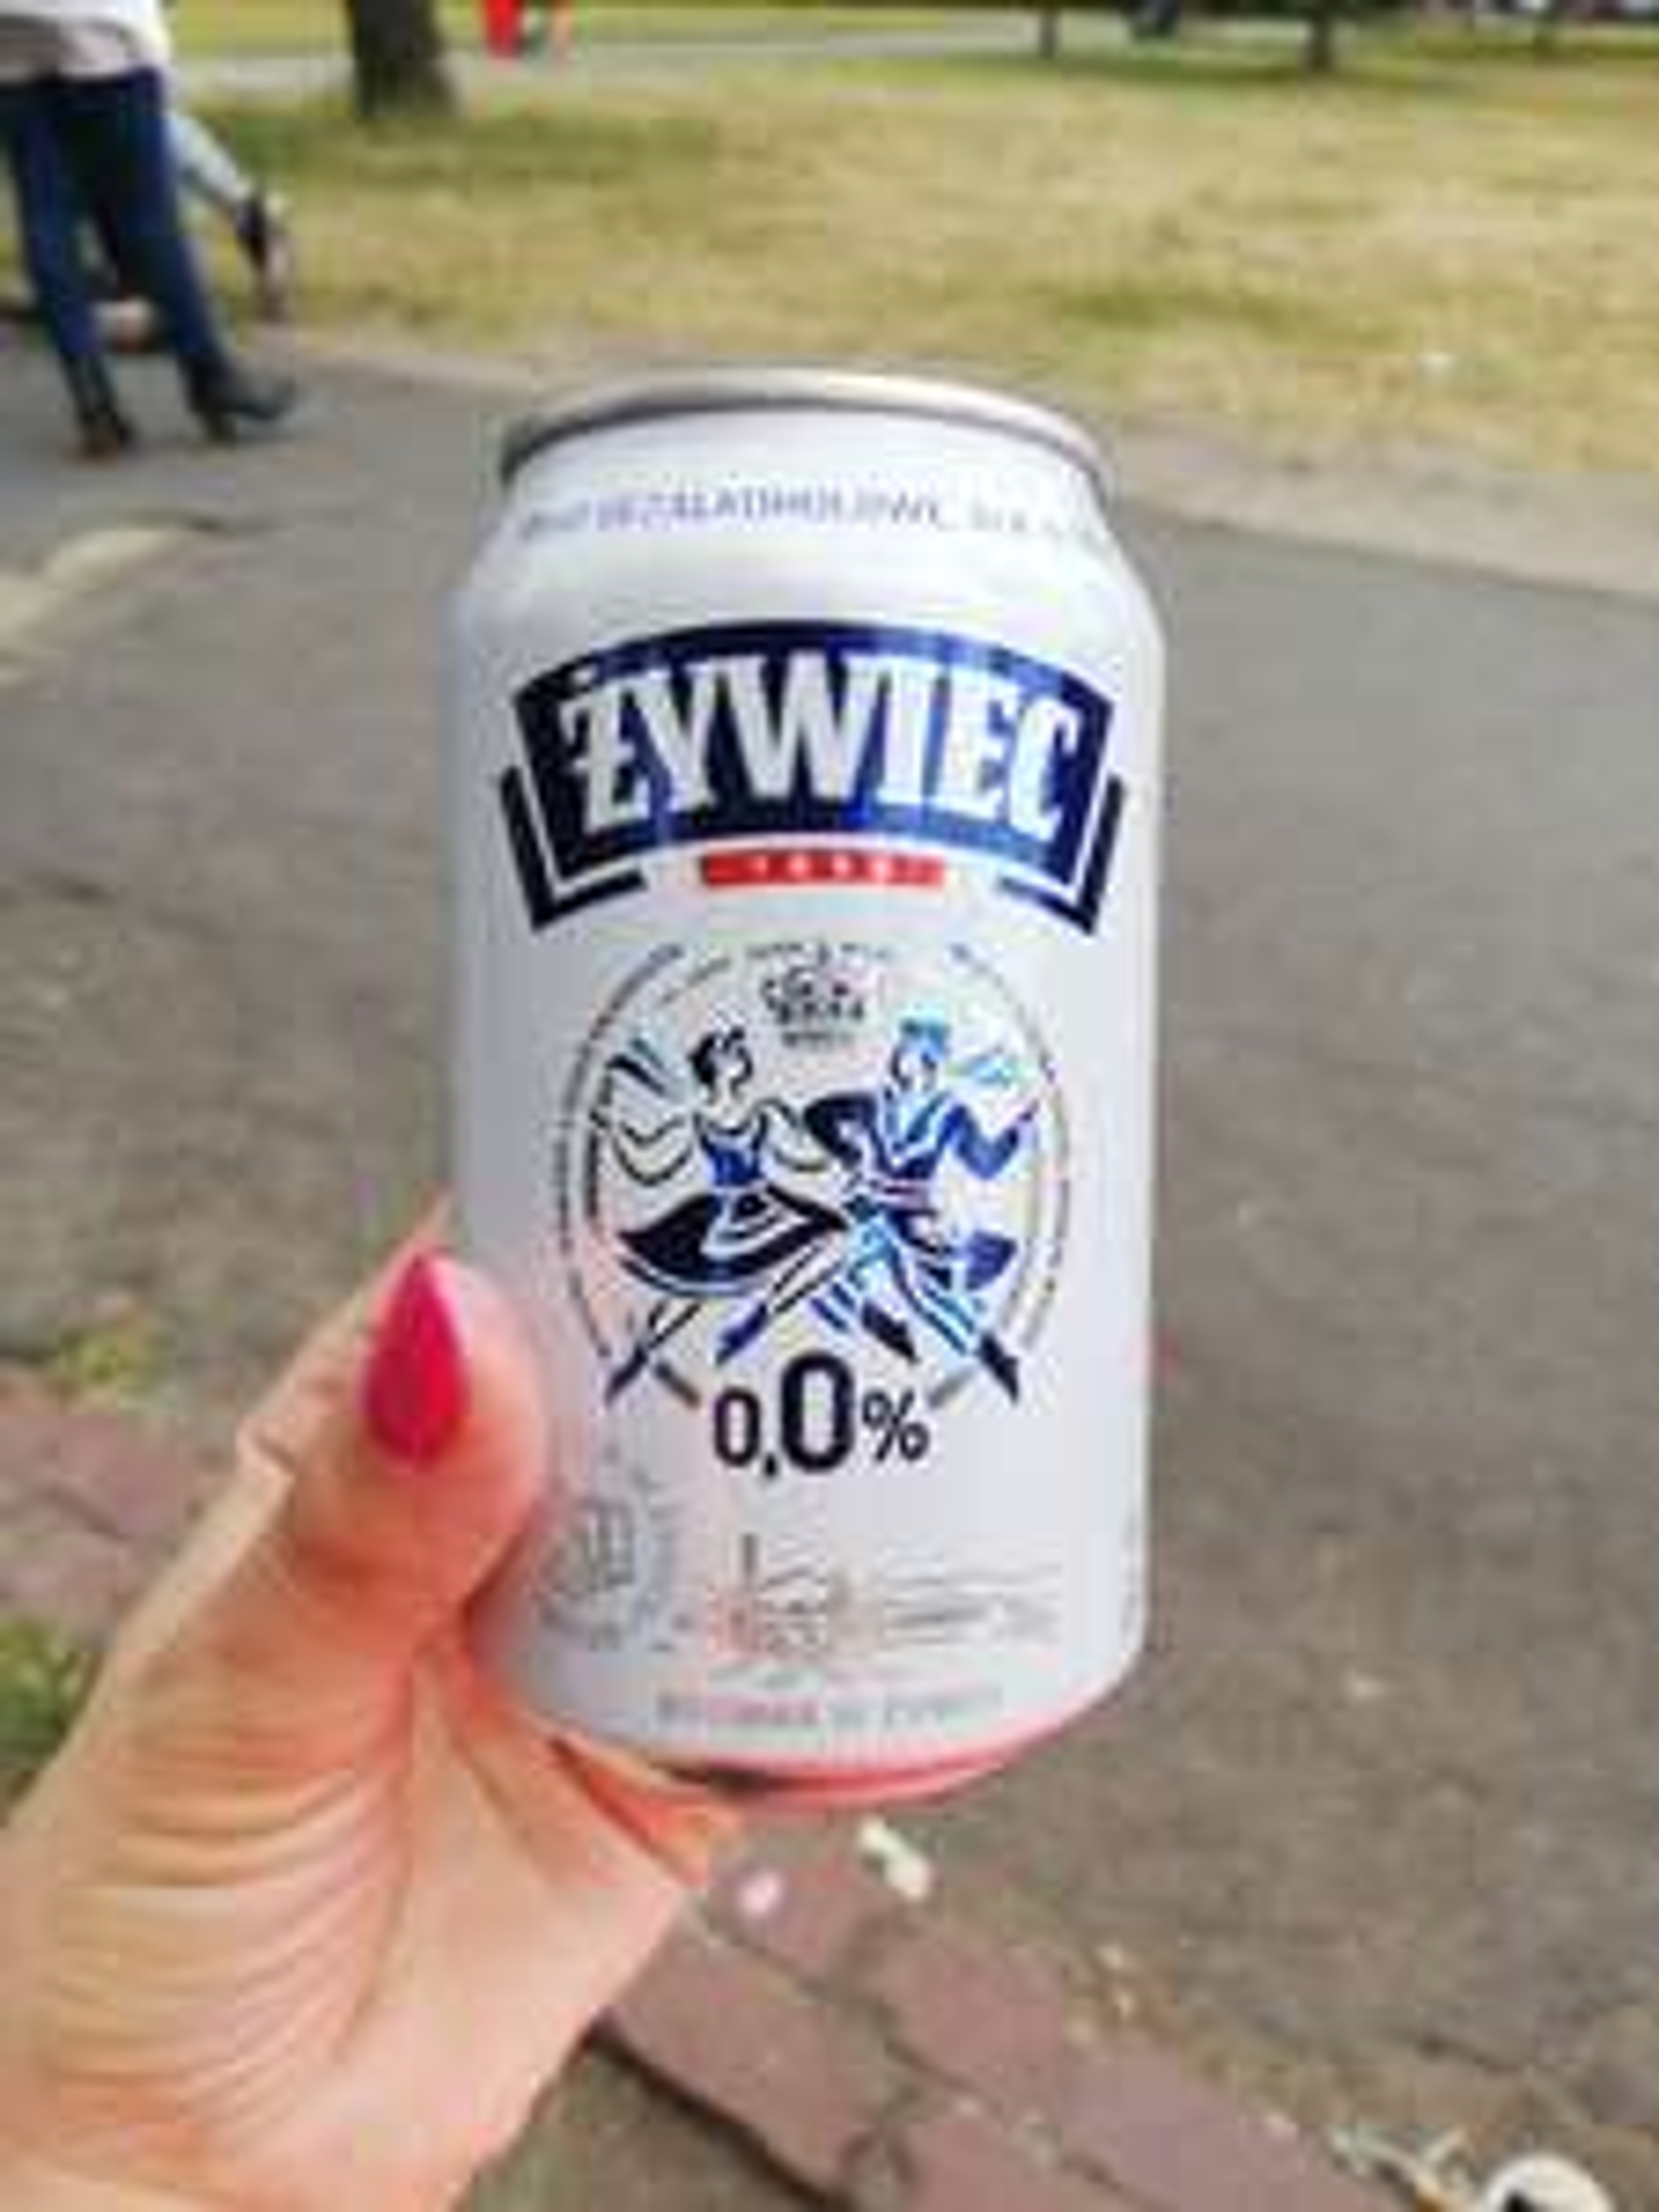 Darmowe piwo bezalkoholowe w Krakowie koło Smoka :)